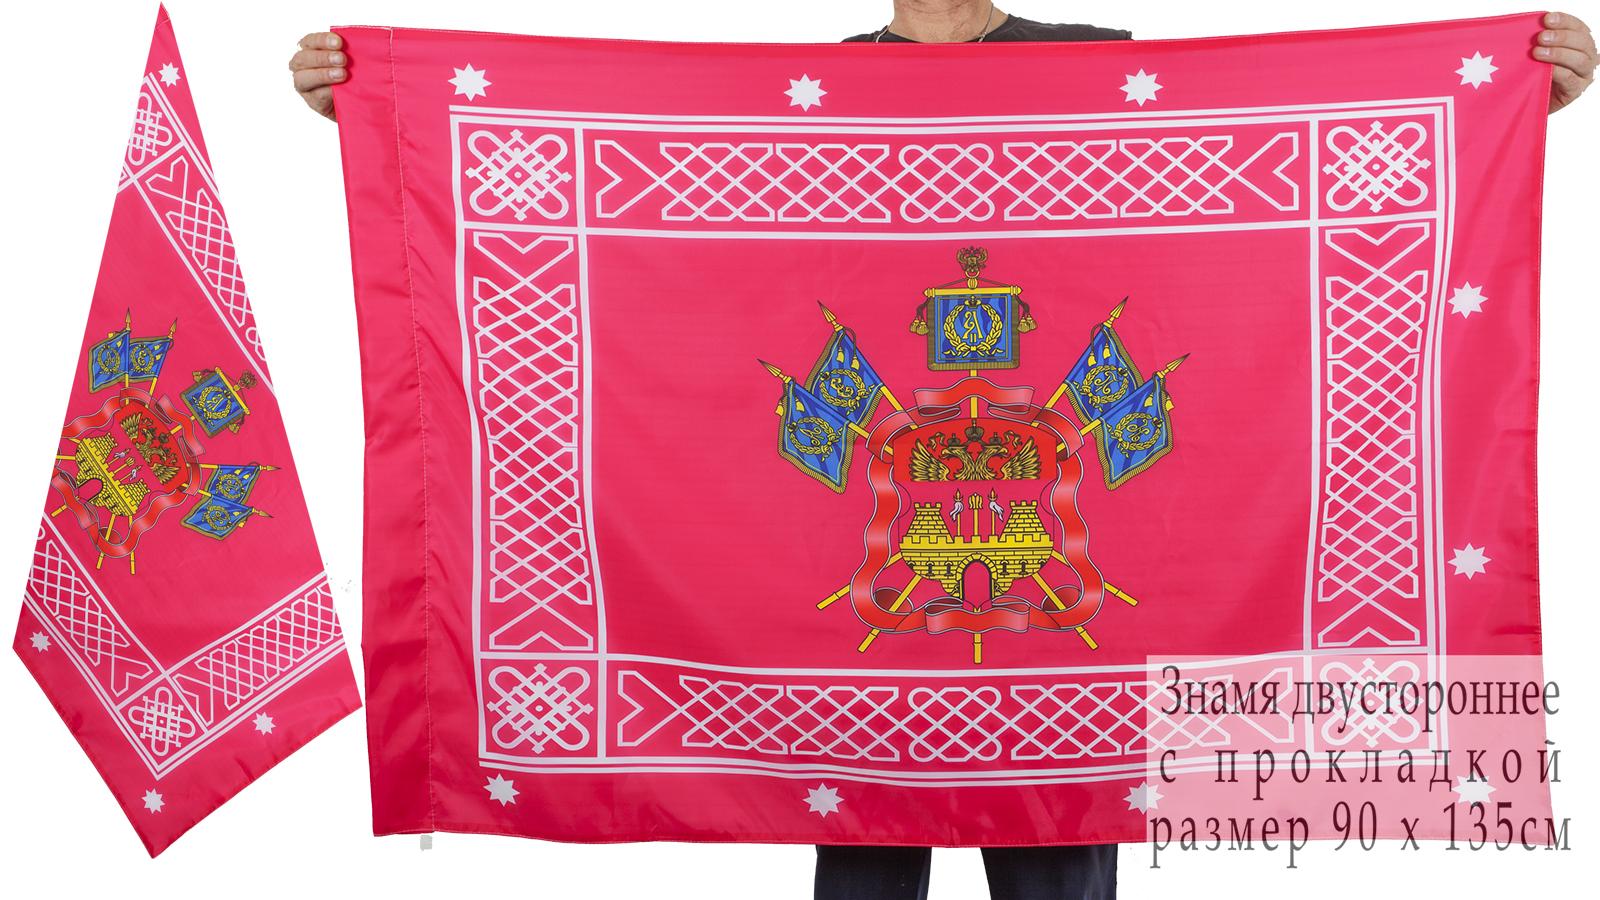 Купить знамя Кубанского Казачьего войска двустороннее